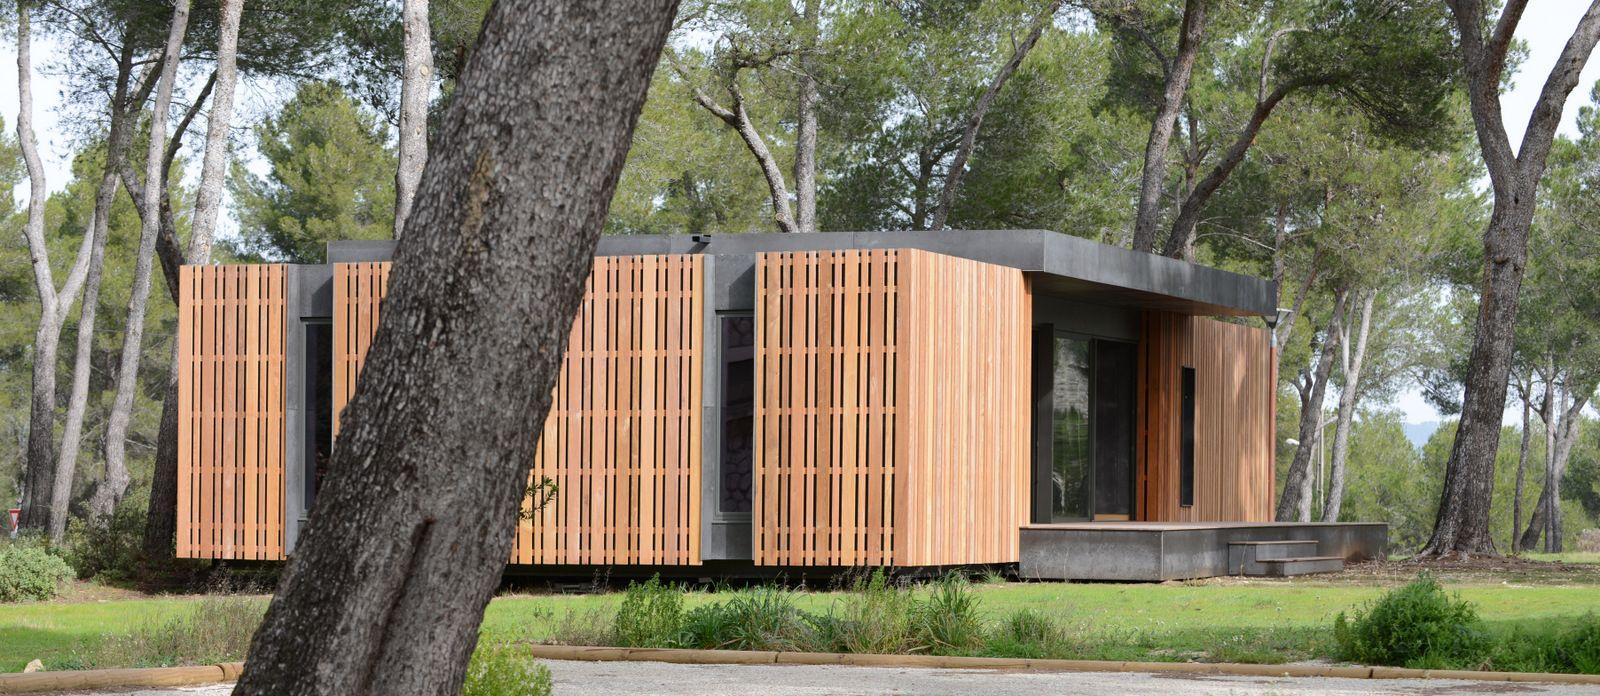 Maison 10 m10 Aix-en-Provence - PopUp House  Prefab homes